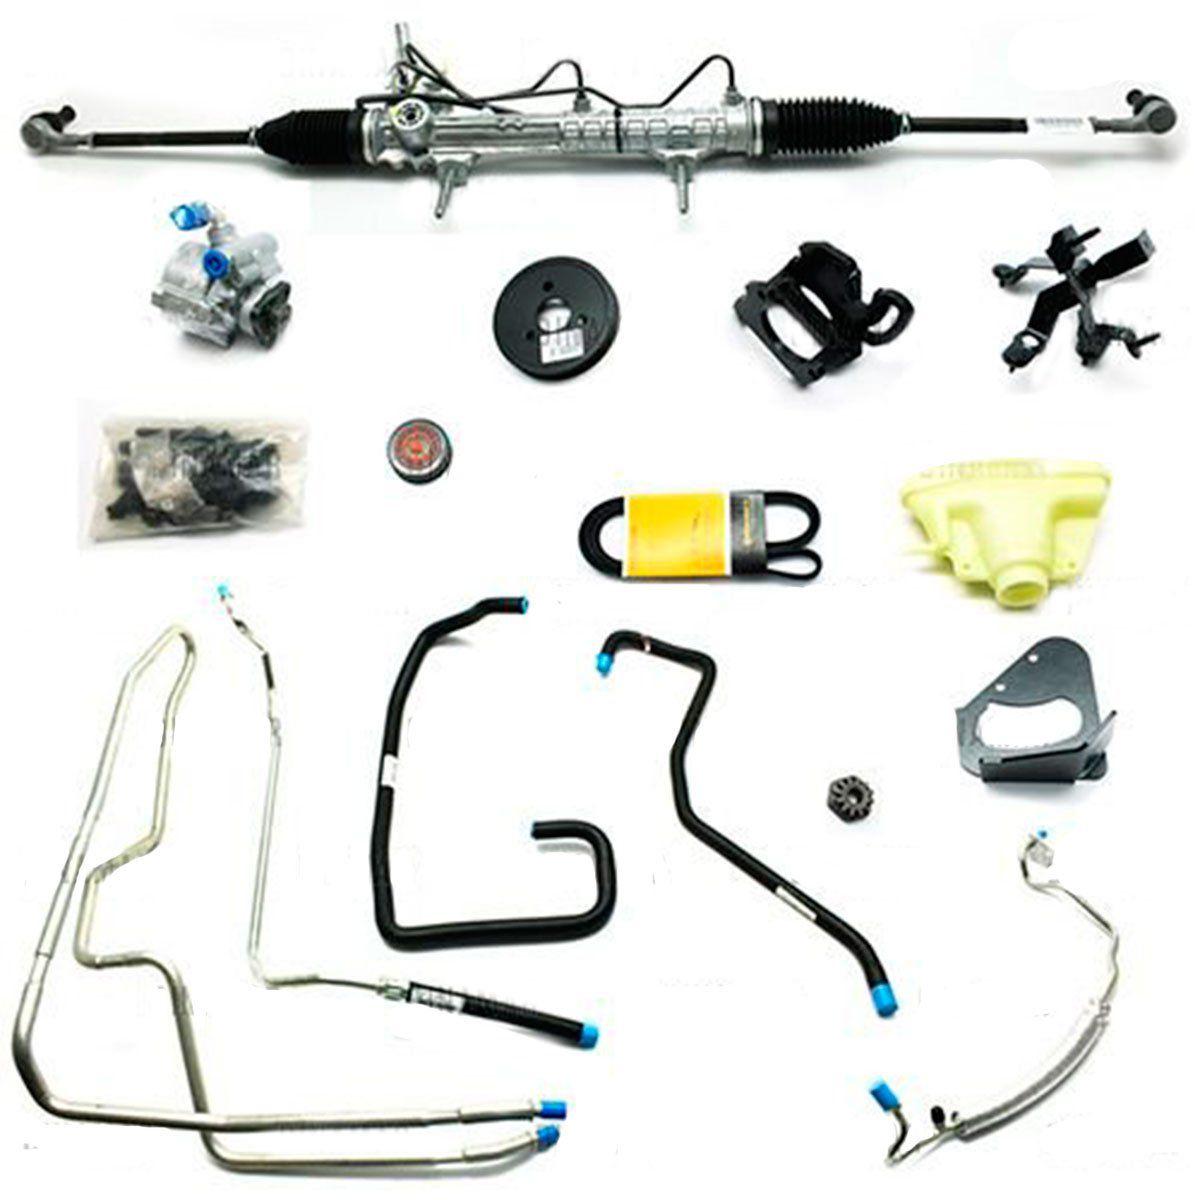 Kit De Direção Hidráulica Do Peugeot 206 1.0 8/16V De 2002 Em Diante (Modelos Com Ar Condicionado)